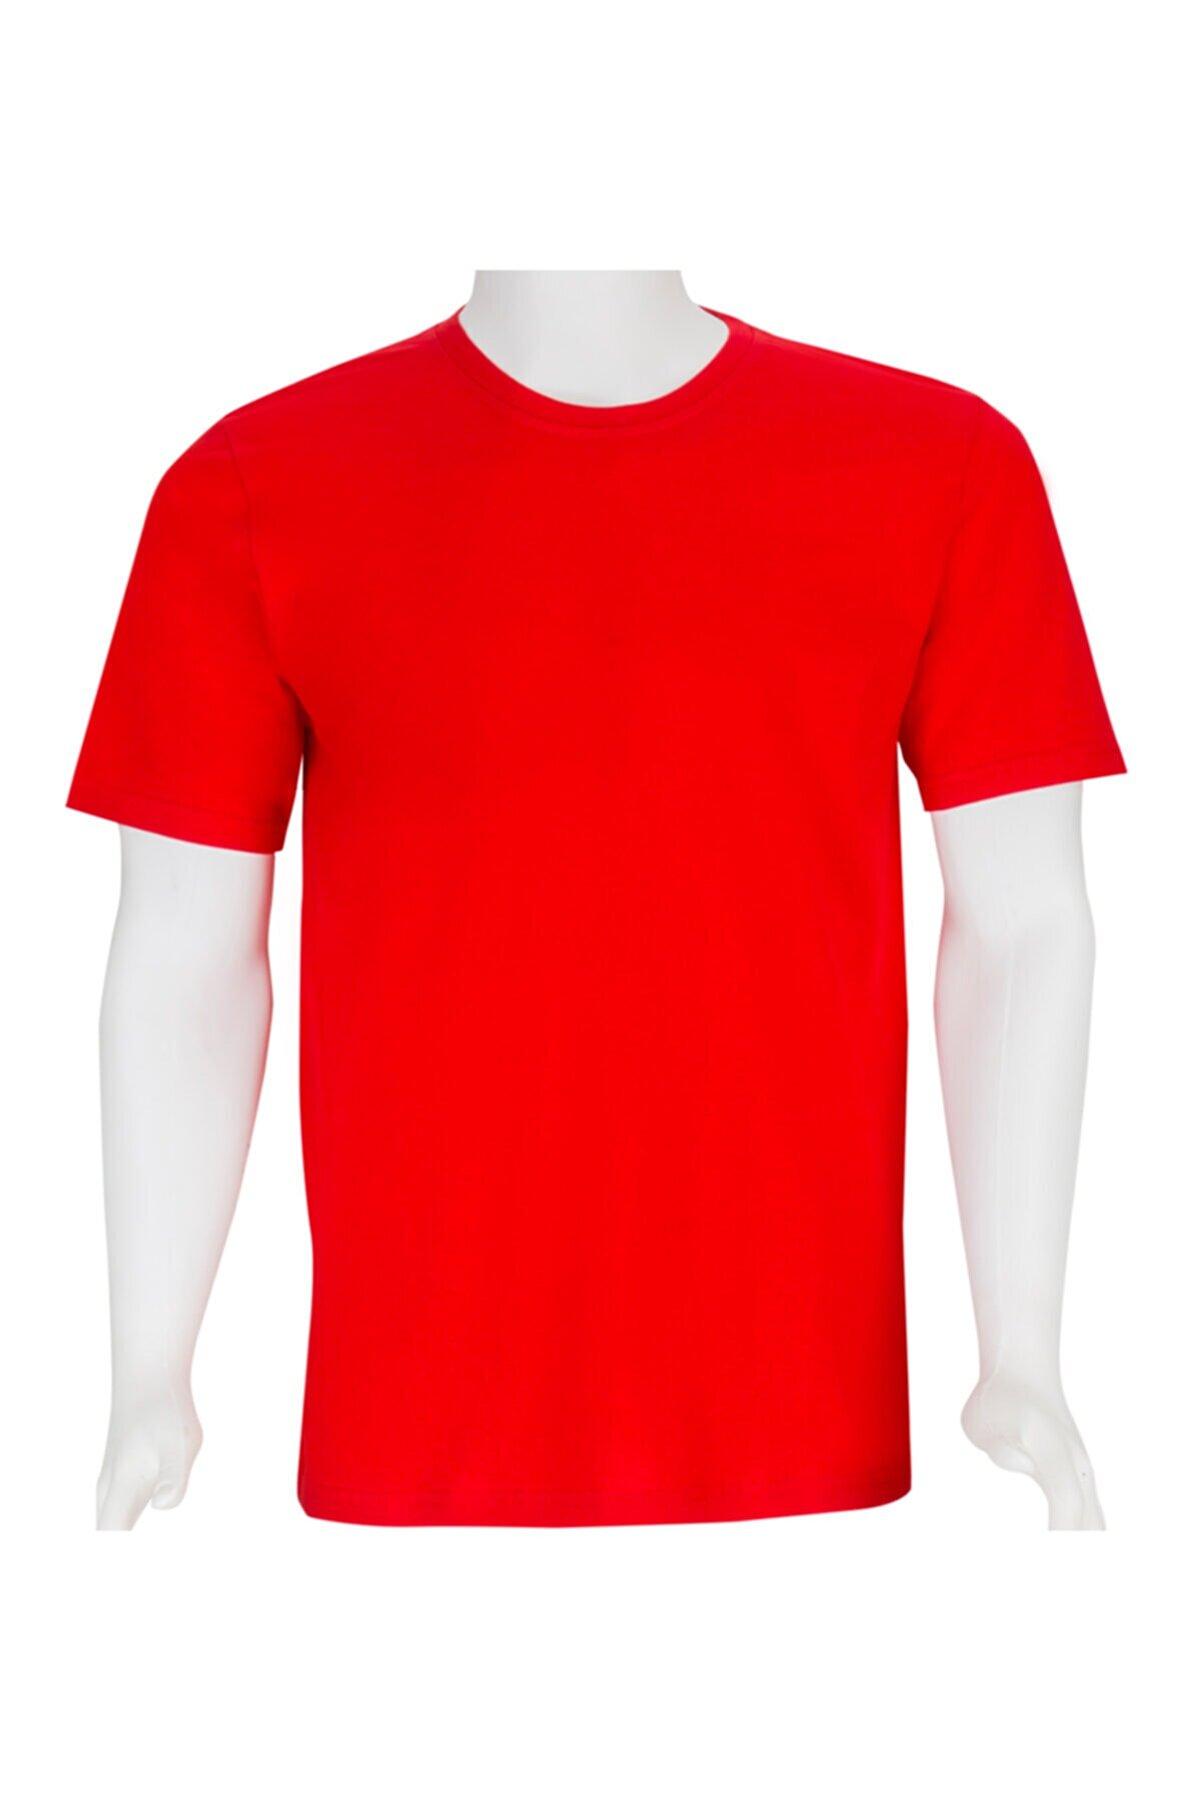 REM İŞ KIYAFETLERİ Bisiklet Yaka Kırmızı Tişört